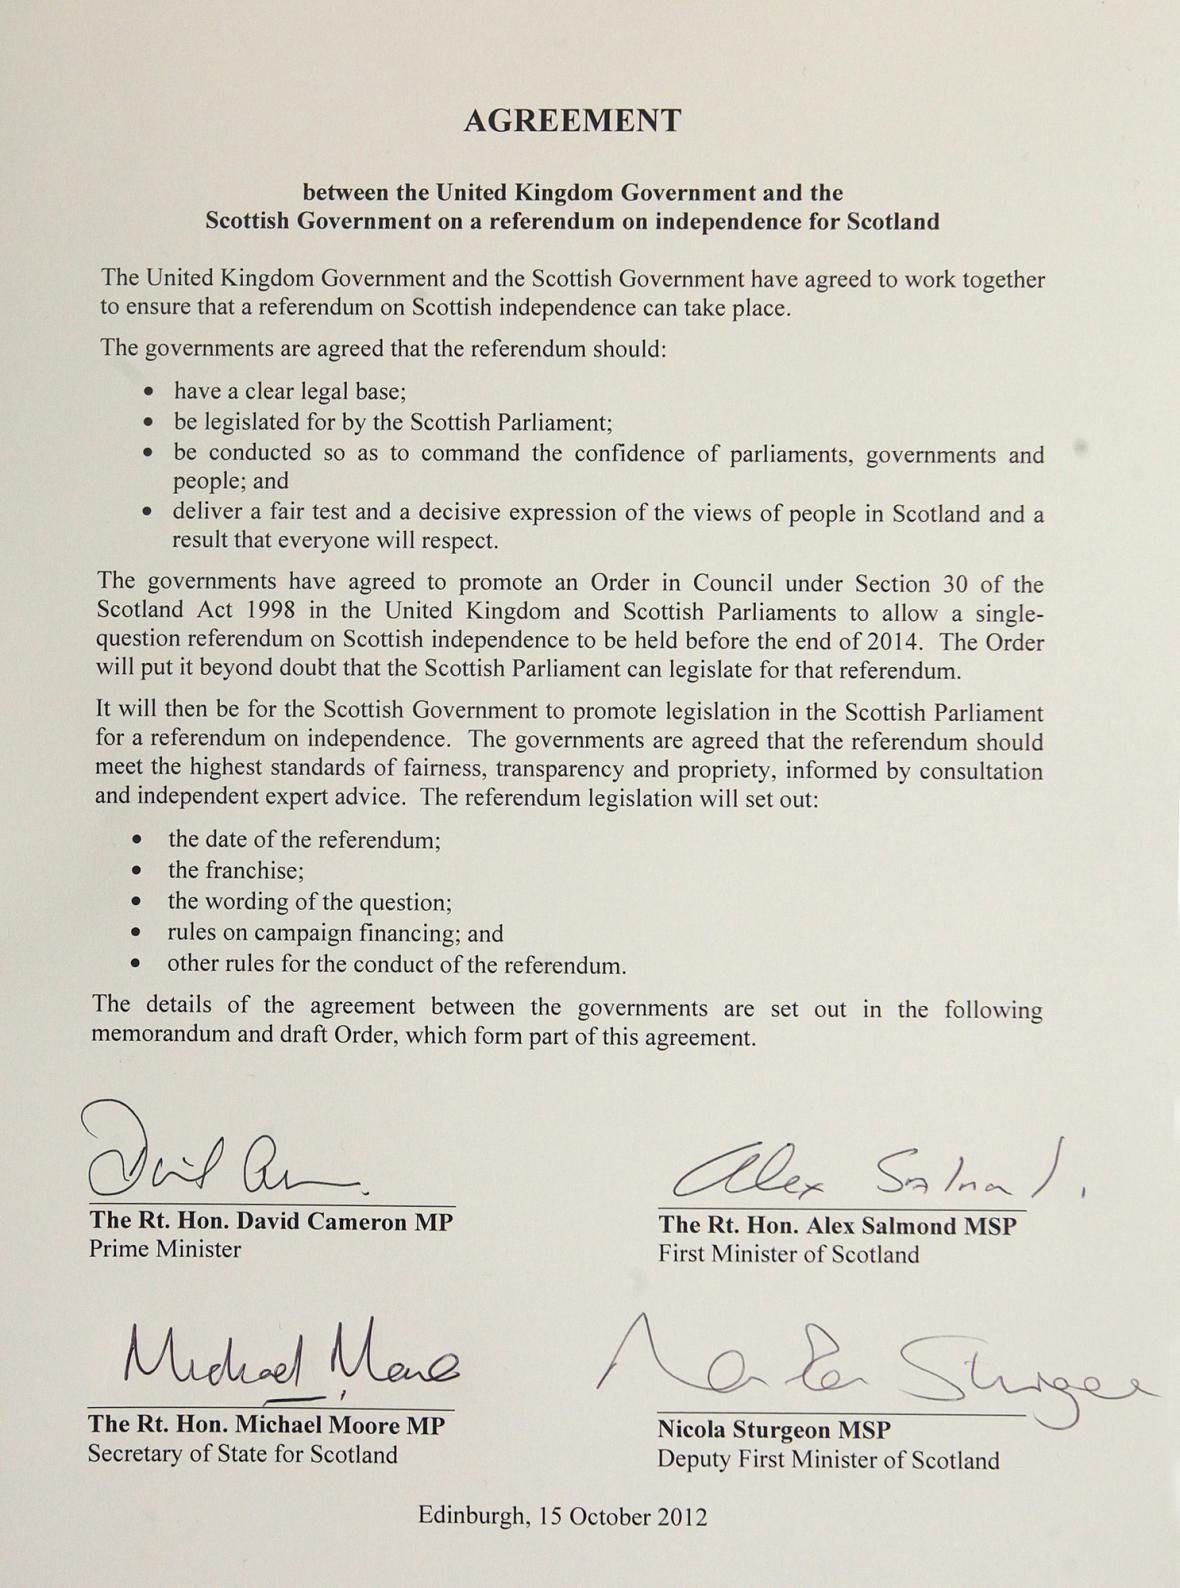 Dohoda o uspořádání skotského referenda